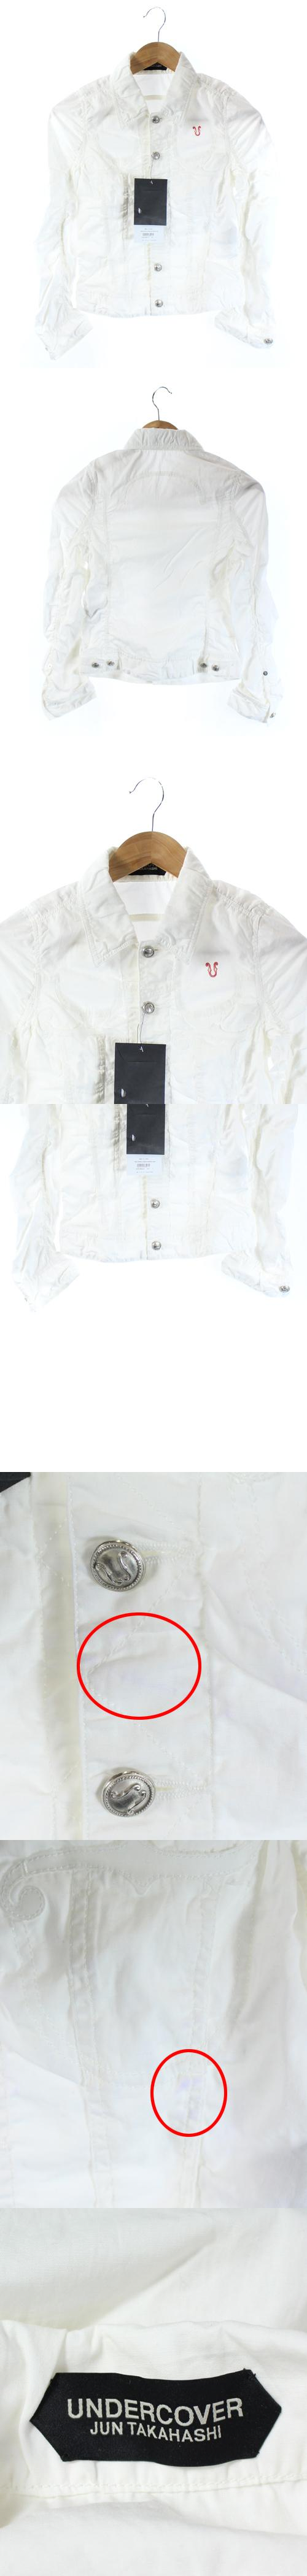 JUN TAKAHASHI ジャケット スプリング デニム調 ウエスタン ギャザー 七分袖 白 1 ☆CA☆キ9 /DK5 ▲H